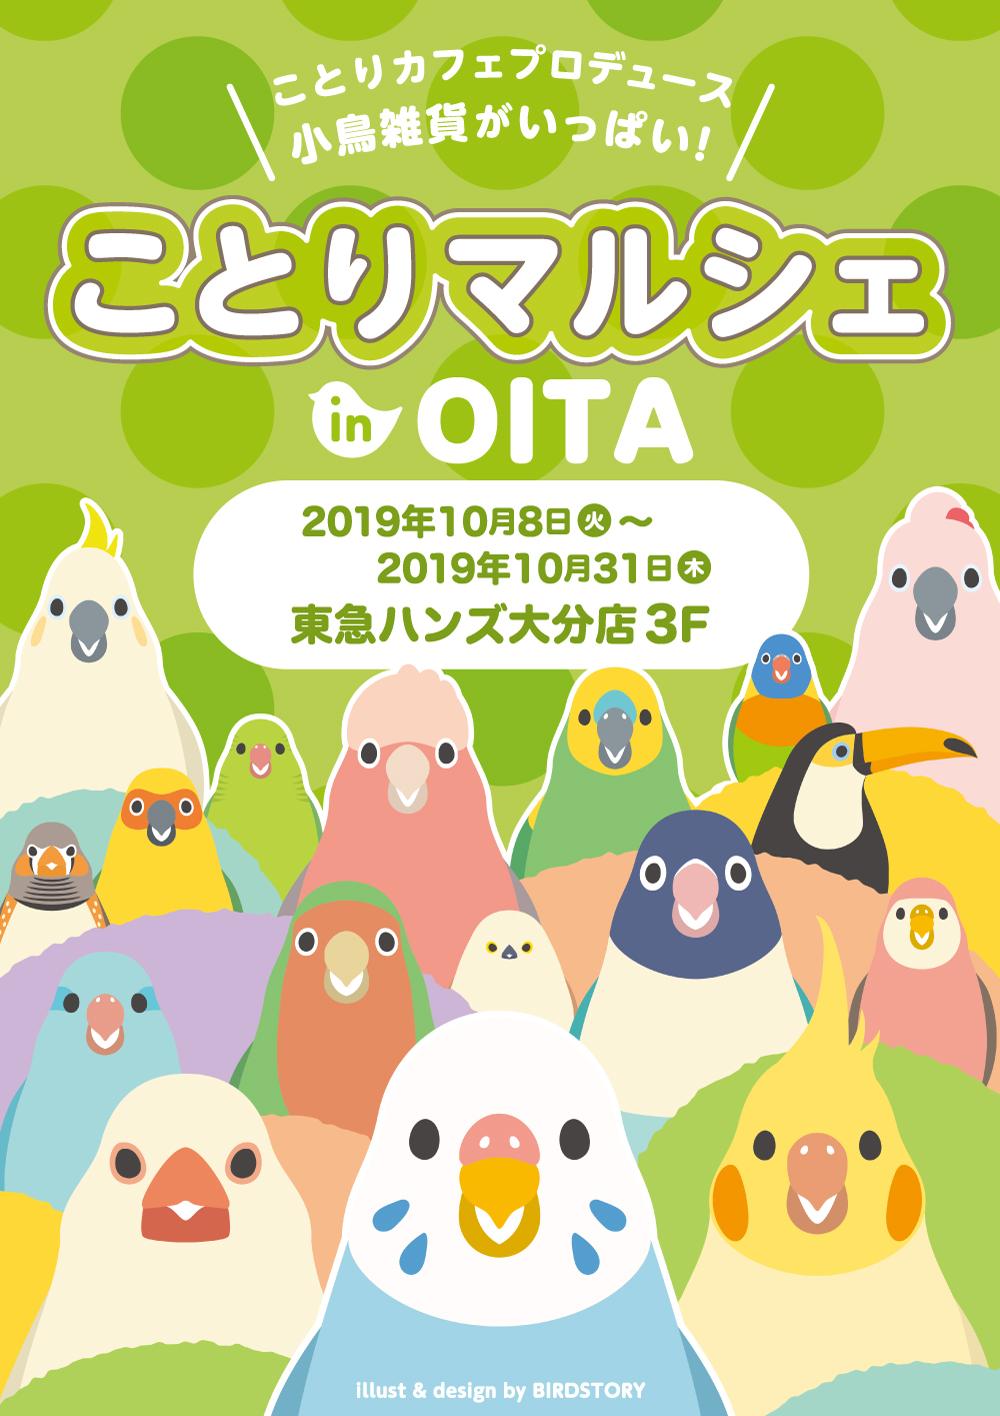 ことりマルシェ in OITA